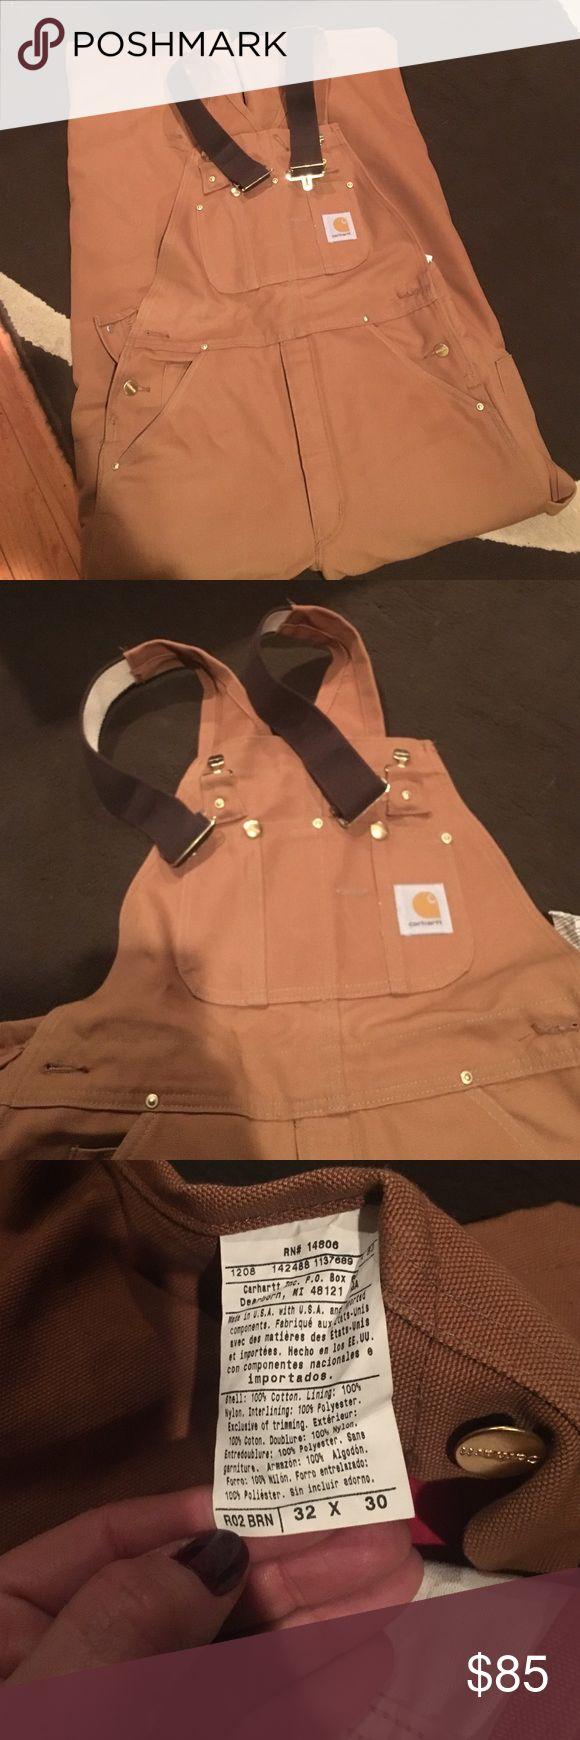 Carhartt men's insulated bibs. Never worn. Carhartt men's insulated bibs. Never worn. Tags where taken off. Size 32x30. Carhartt Other